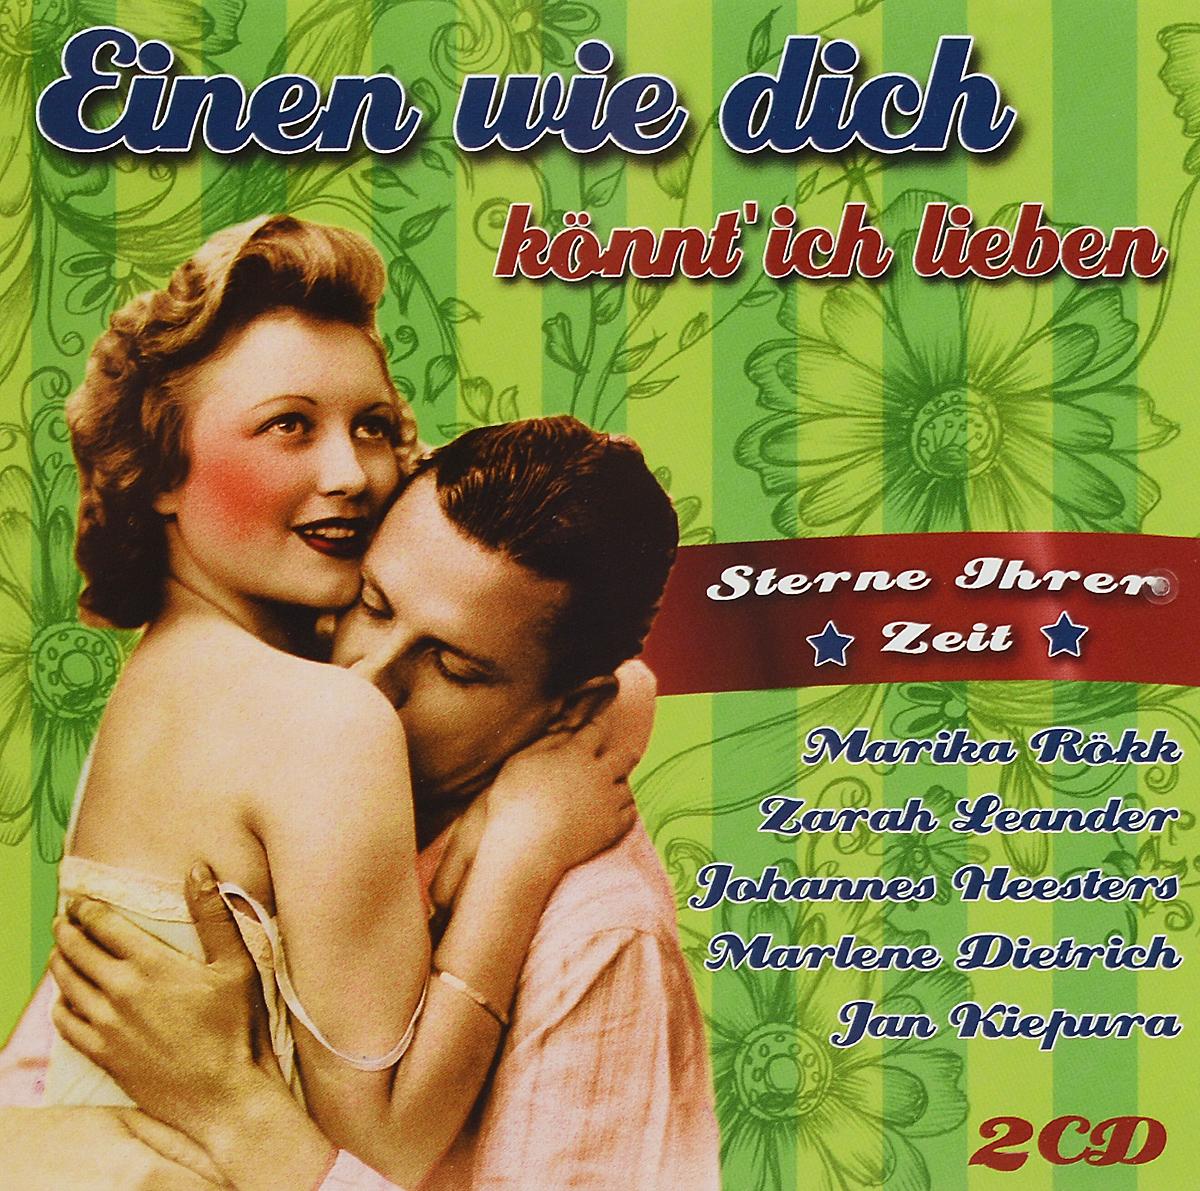 Einen wie dich konnt ich lieben (2 CD) кино группа крови cd